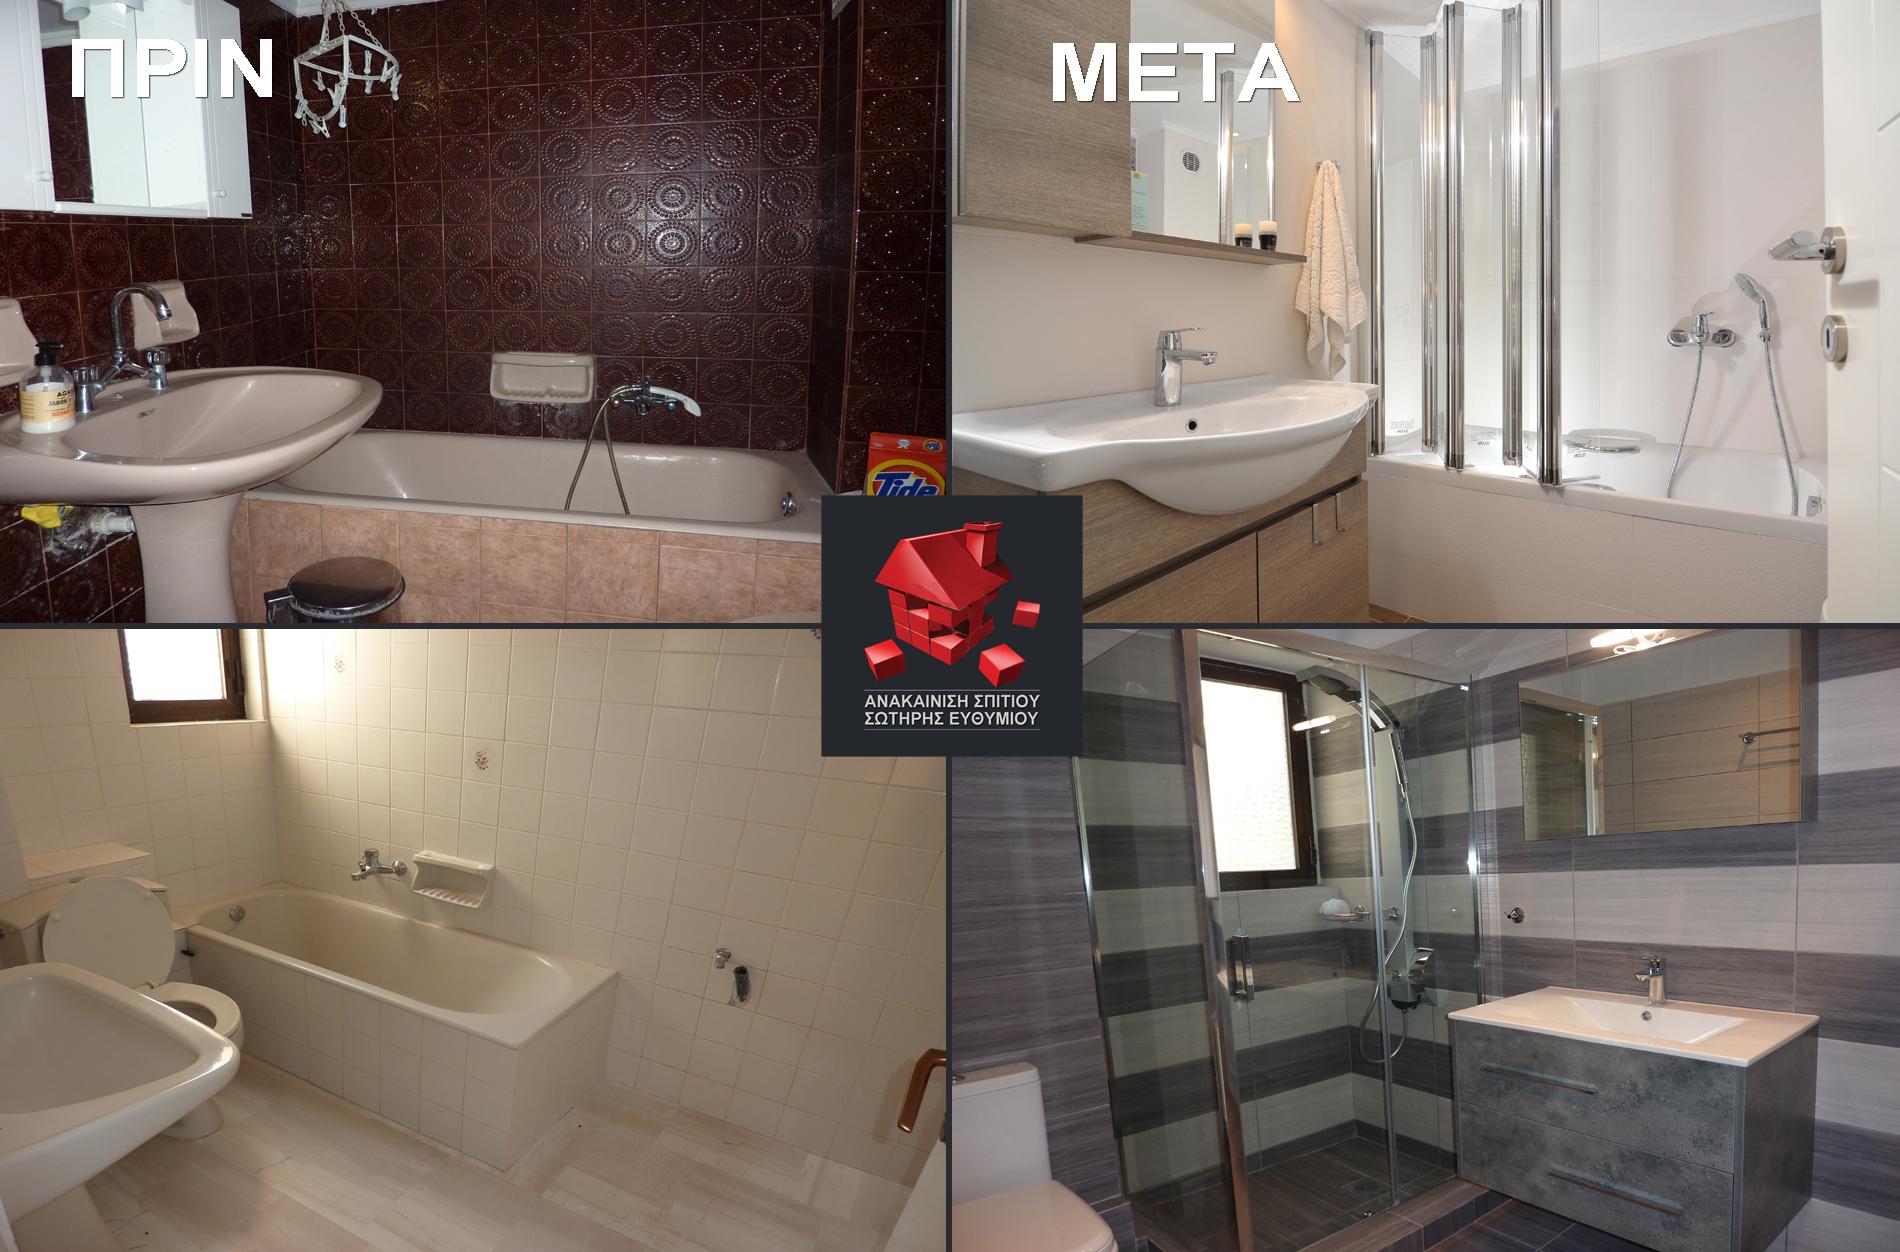 Ανακαίνιση μπάνιου πριν και μετά 04